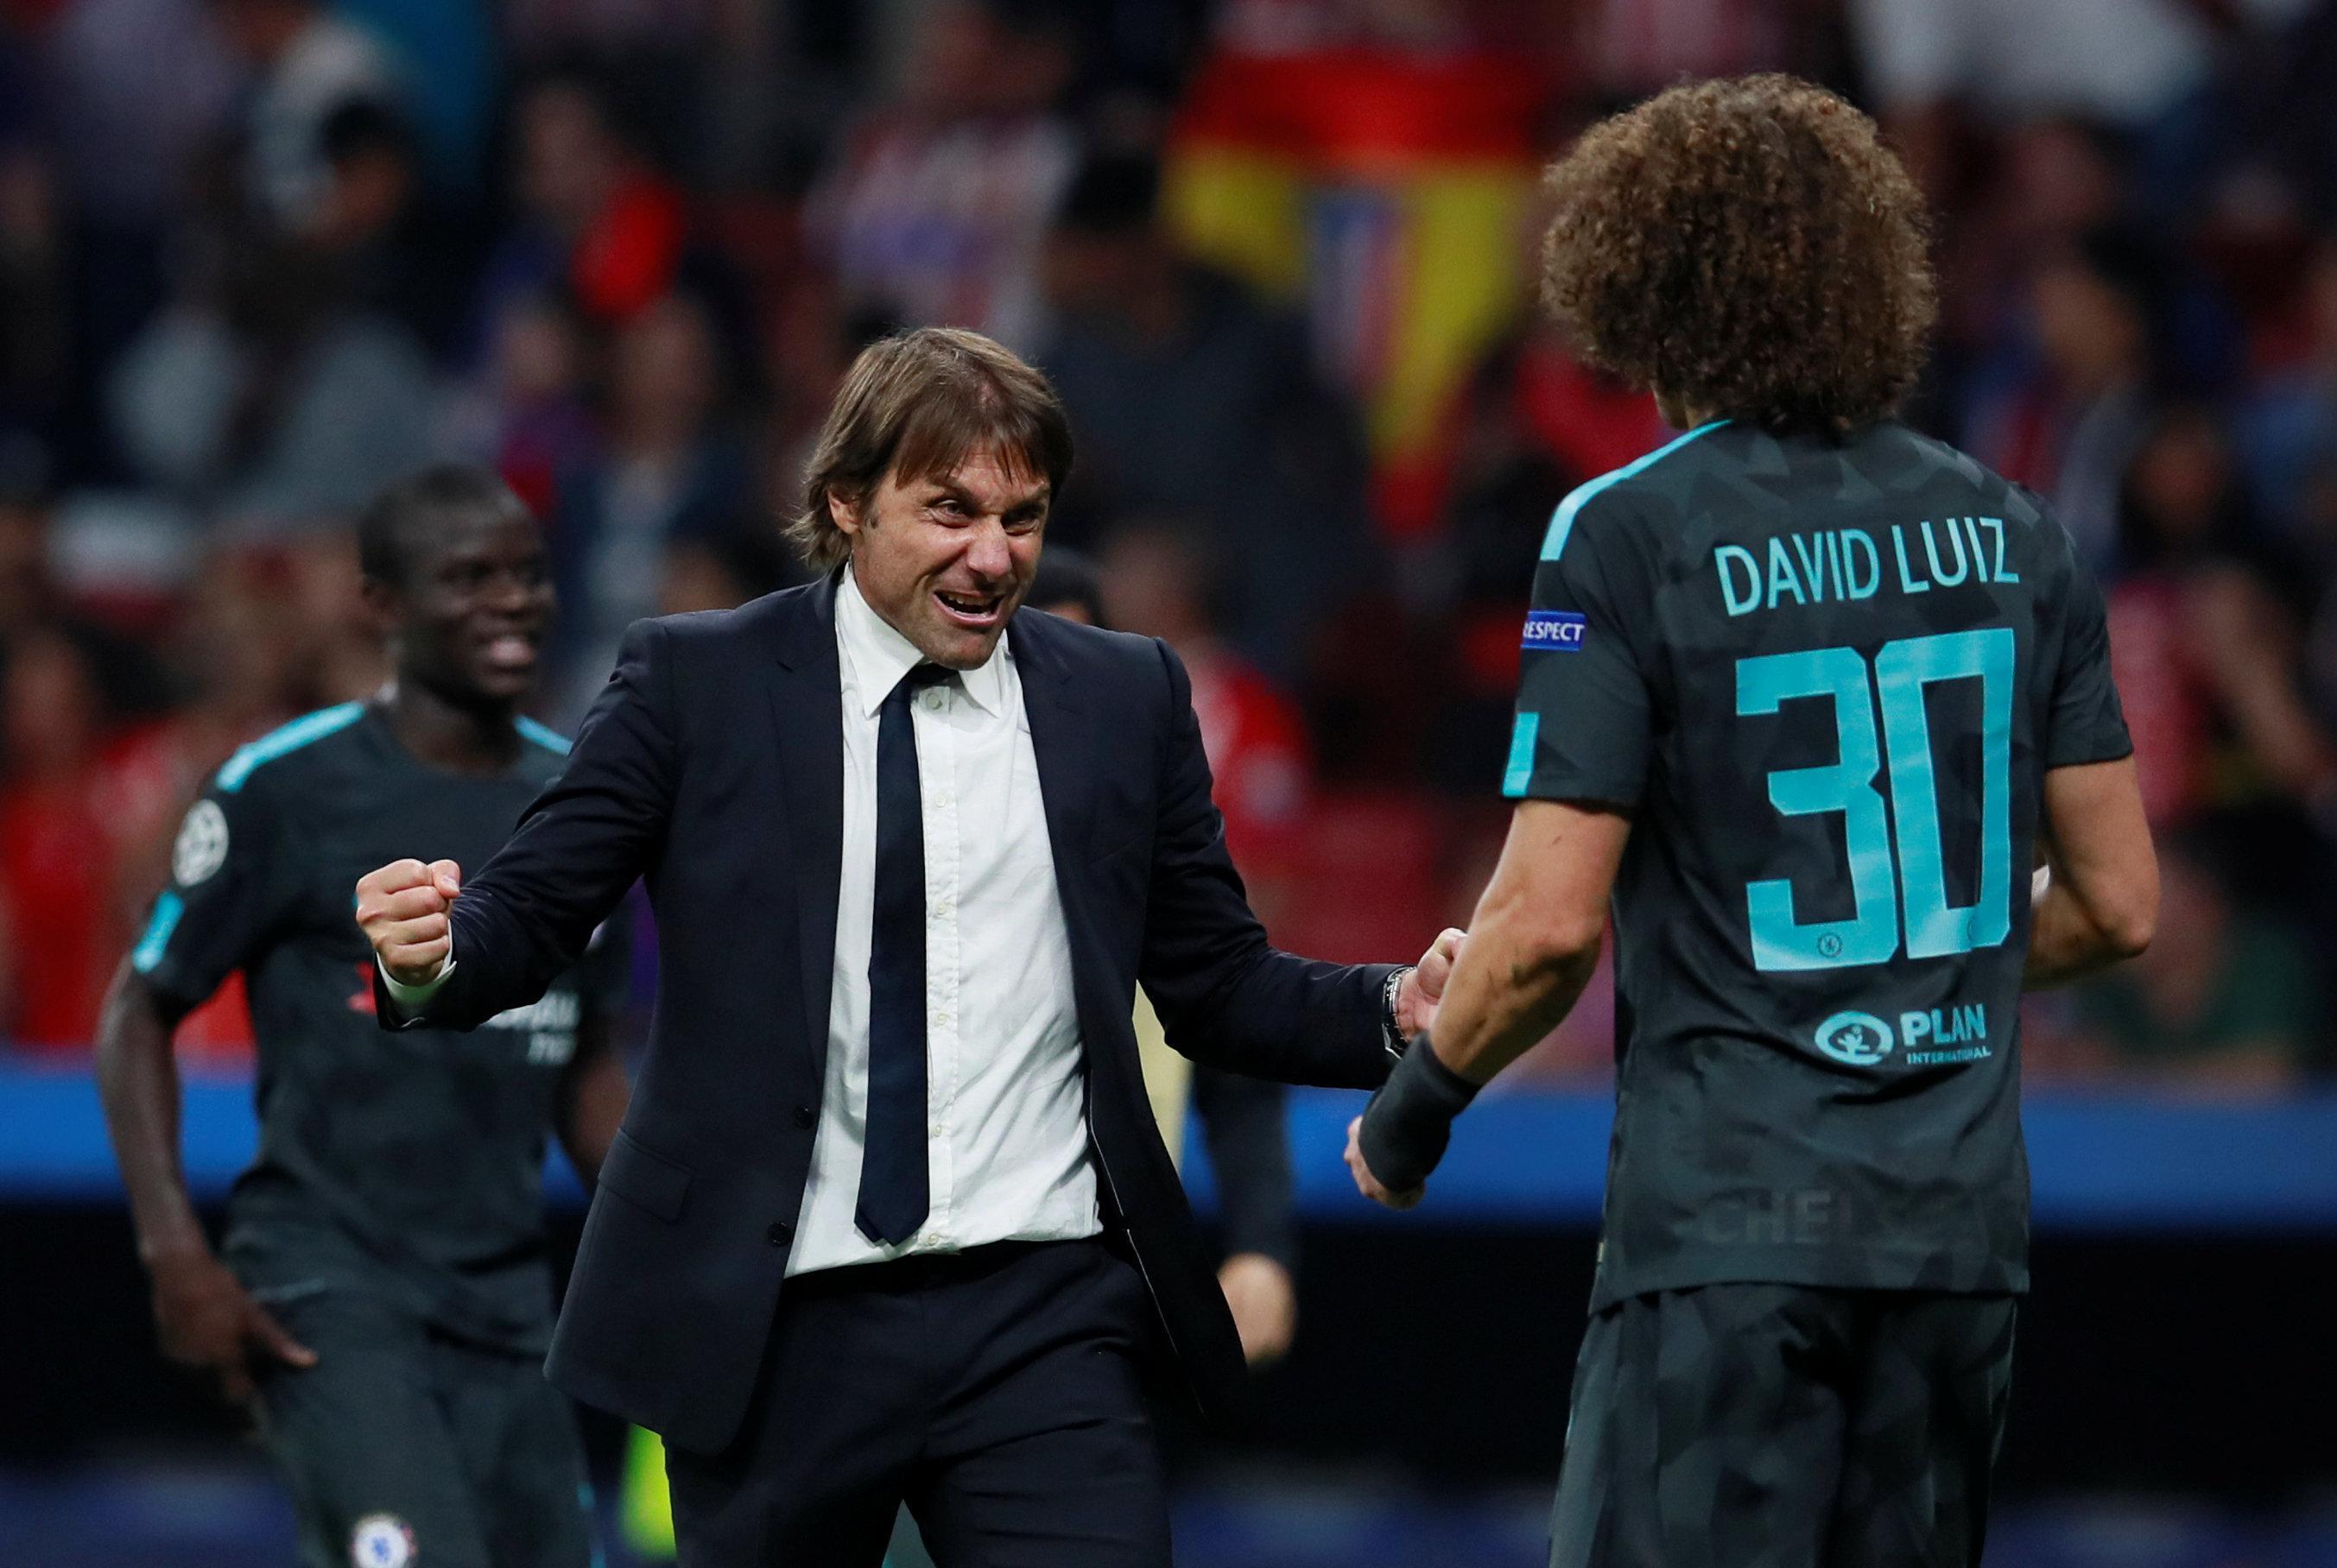 Antonio Conte,David Luiz,Chelsea  Antonio Conte,David Luiz,Chelsea